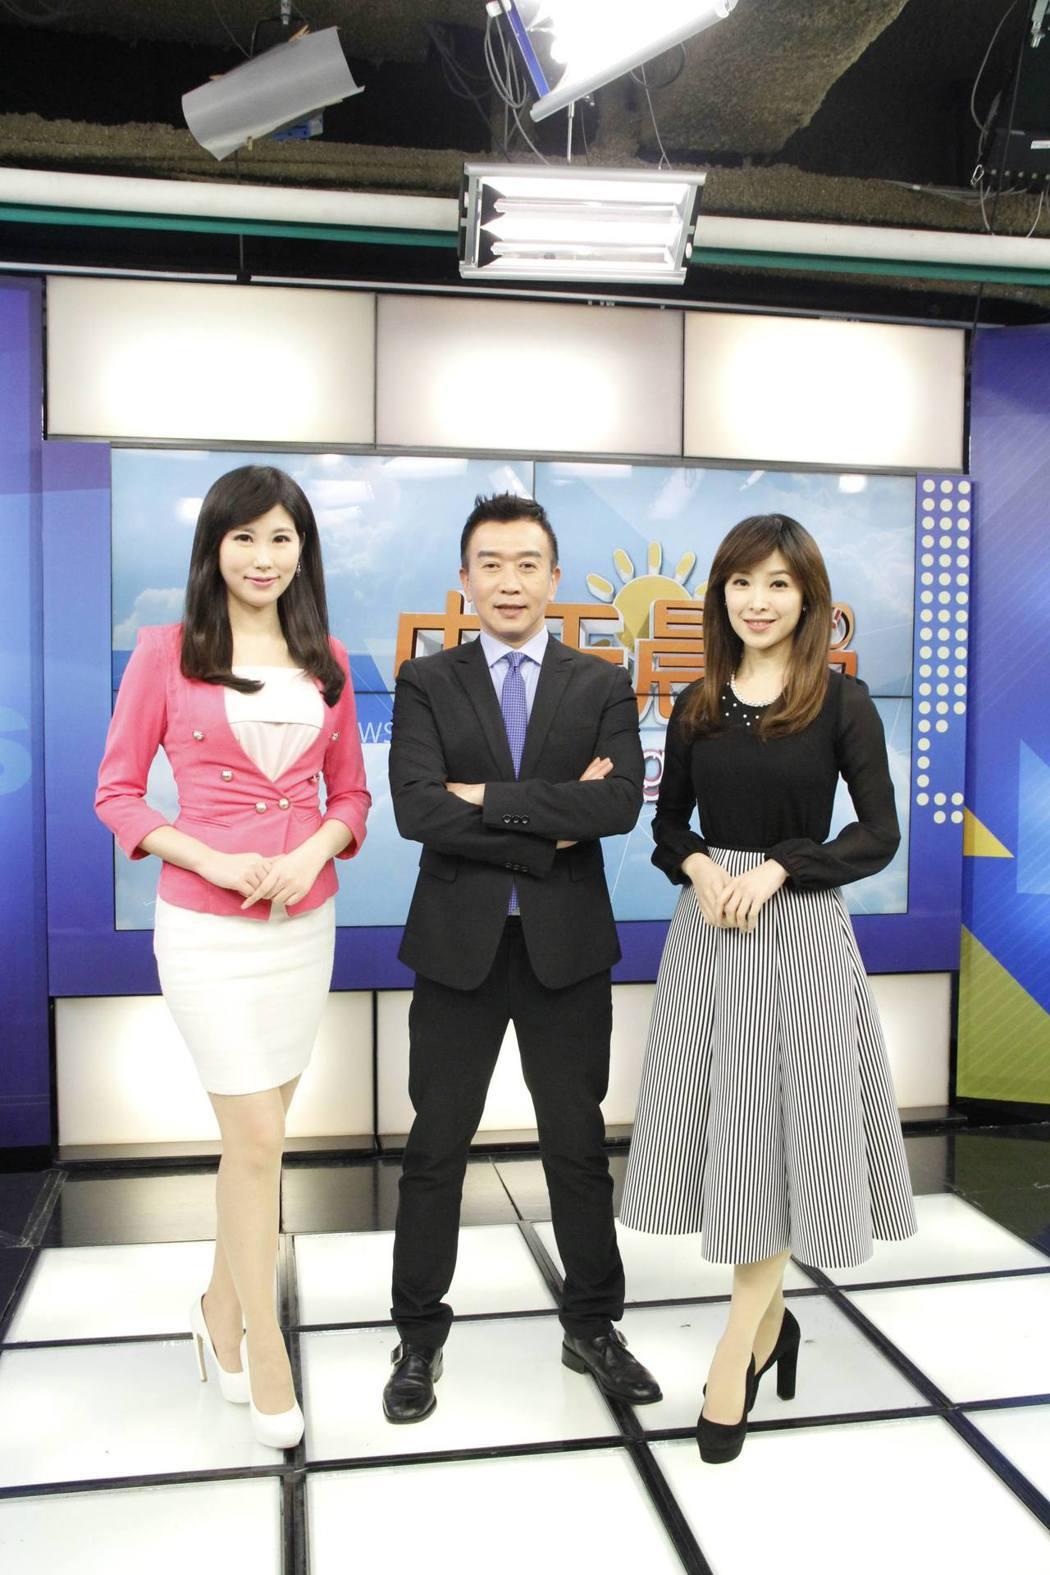 胡志成和張雅婷、劉盈秀搭檔播新聞。圖/中天電視台提供